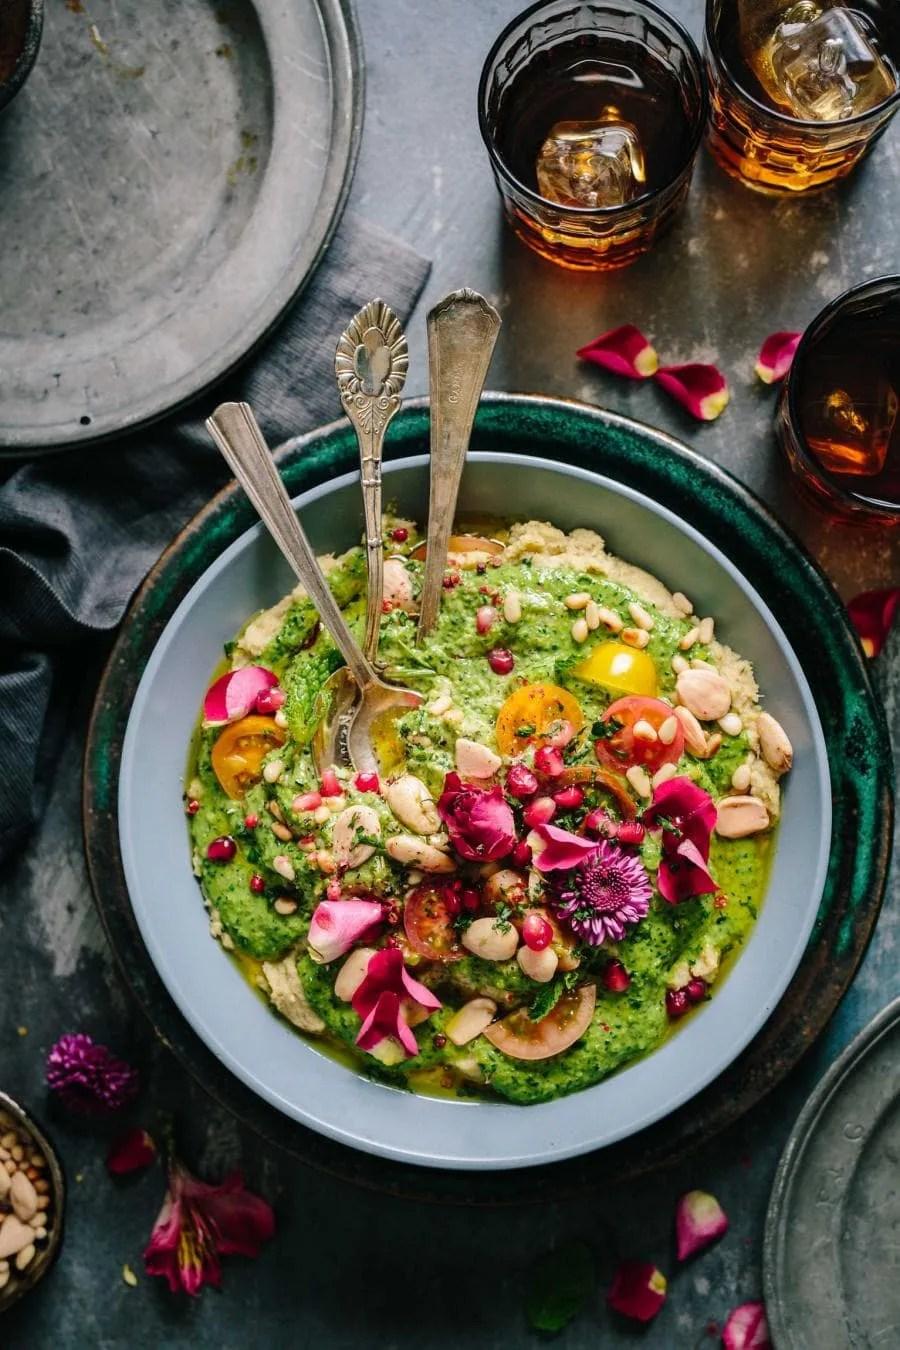 Via deze websites kun je heerlijk eten bij lokale bevolking thuis!